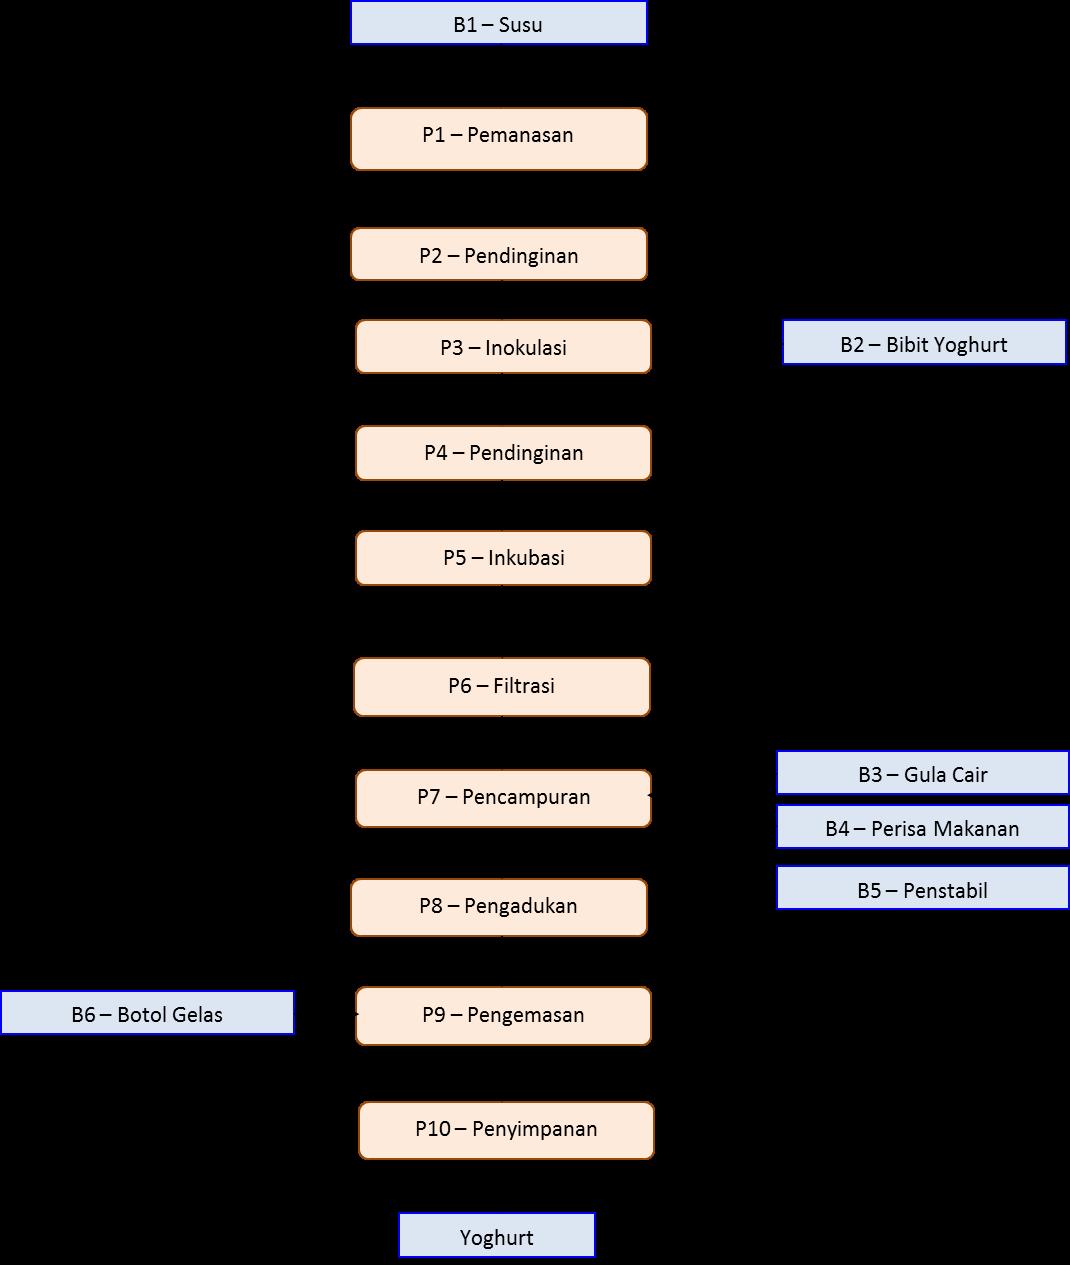 Proses pembuatan yoghurt qualityz diagram proses pembuatan yoghurt ccuart Image collections